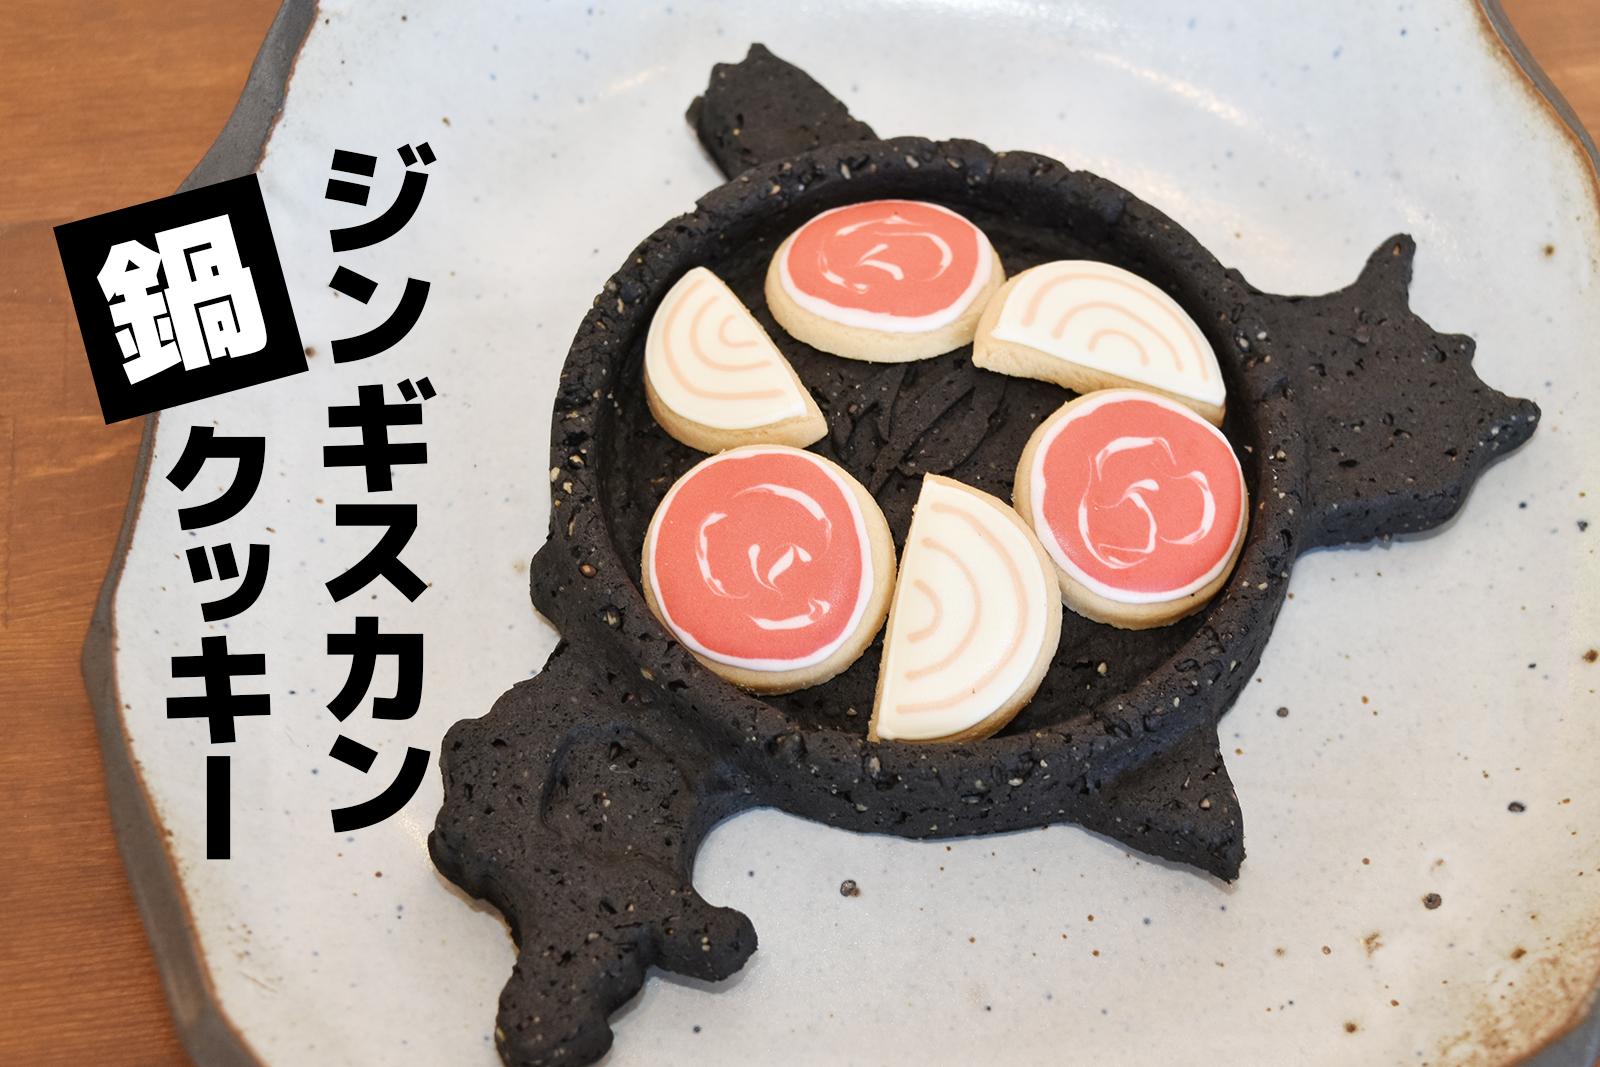 まるで本物!室蘭限定発売「工大公認 ジンギスカン鍋クッキー」とは